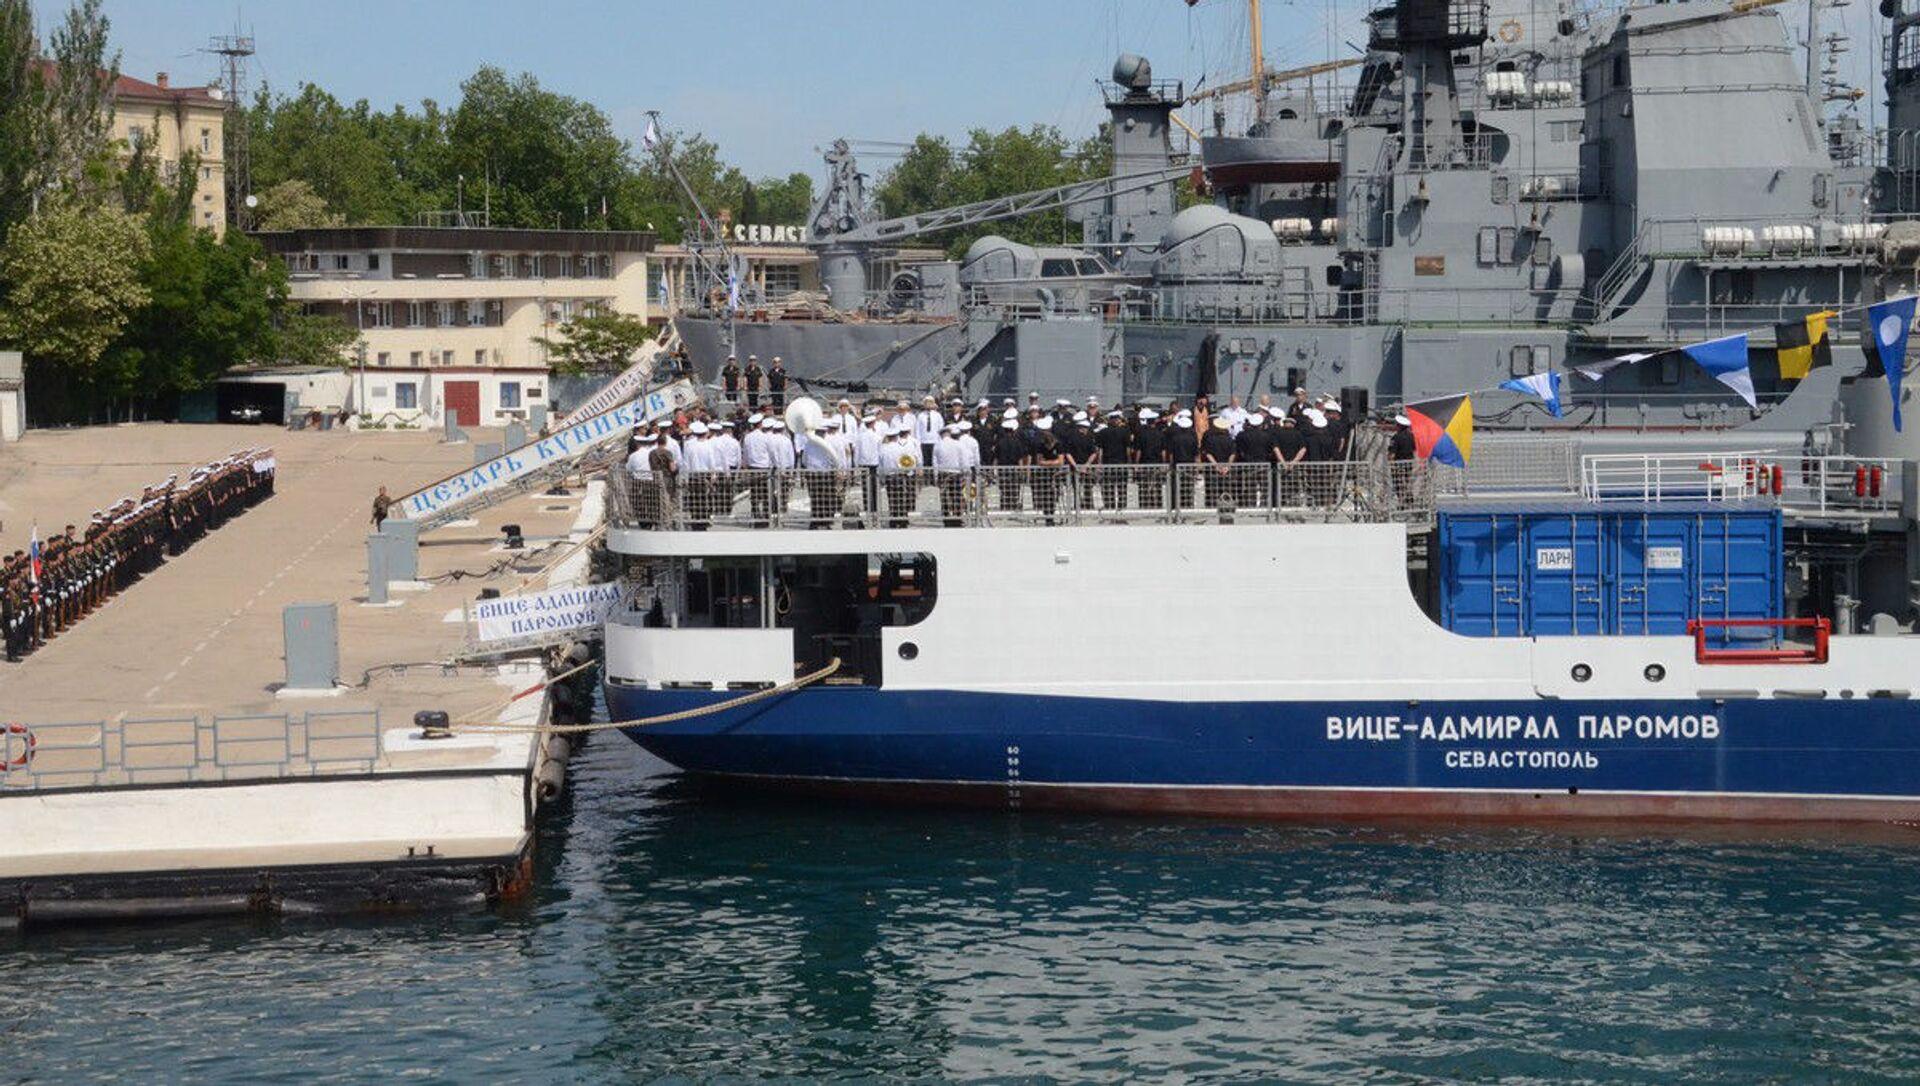 Tại Sevastopol, tàu chở dầu Phó đô đốc Paromov đã được tiếp nhận vào thành phần Hạm đội Biển Đen. - Sputnik Việt Nam, 1920, 29.05.2021